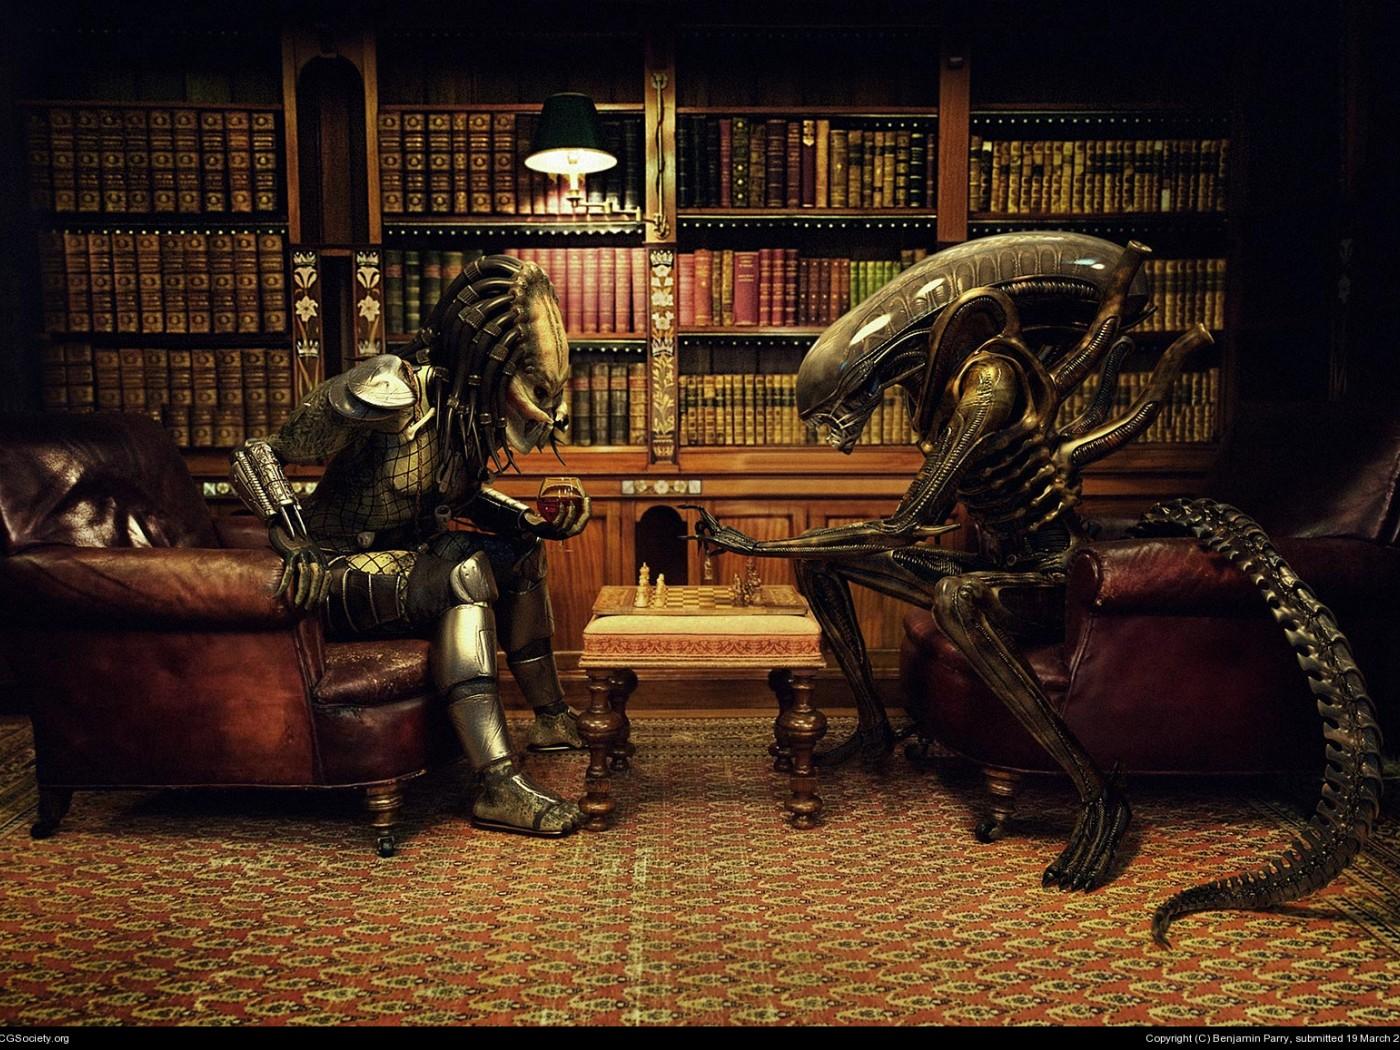 http://2.bp.blogspot.com/_XF_J0xP6x-w/TQ5LP5BiPoI/AAAAAAAAAmY/Enz33Wr1RWE/s1600/Aliens-vs-Predator--aliens-predator--1400x1050.jpg